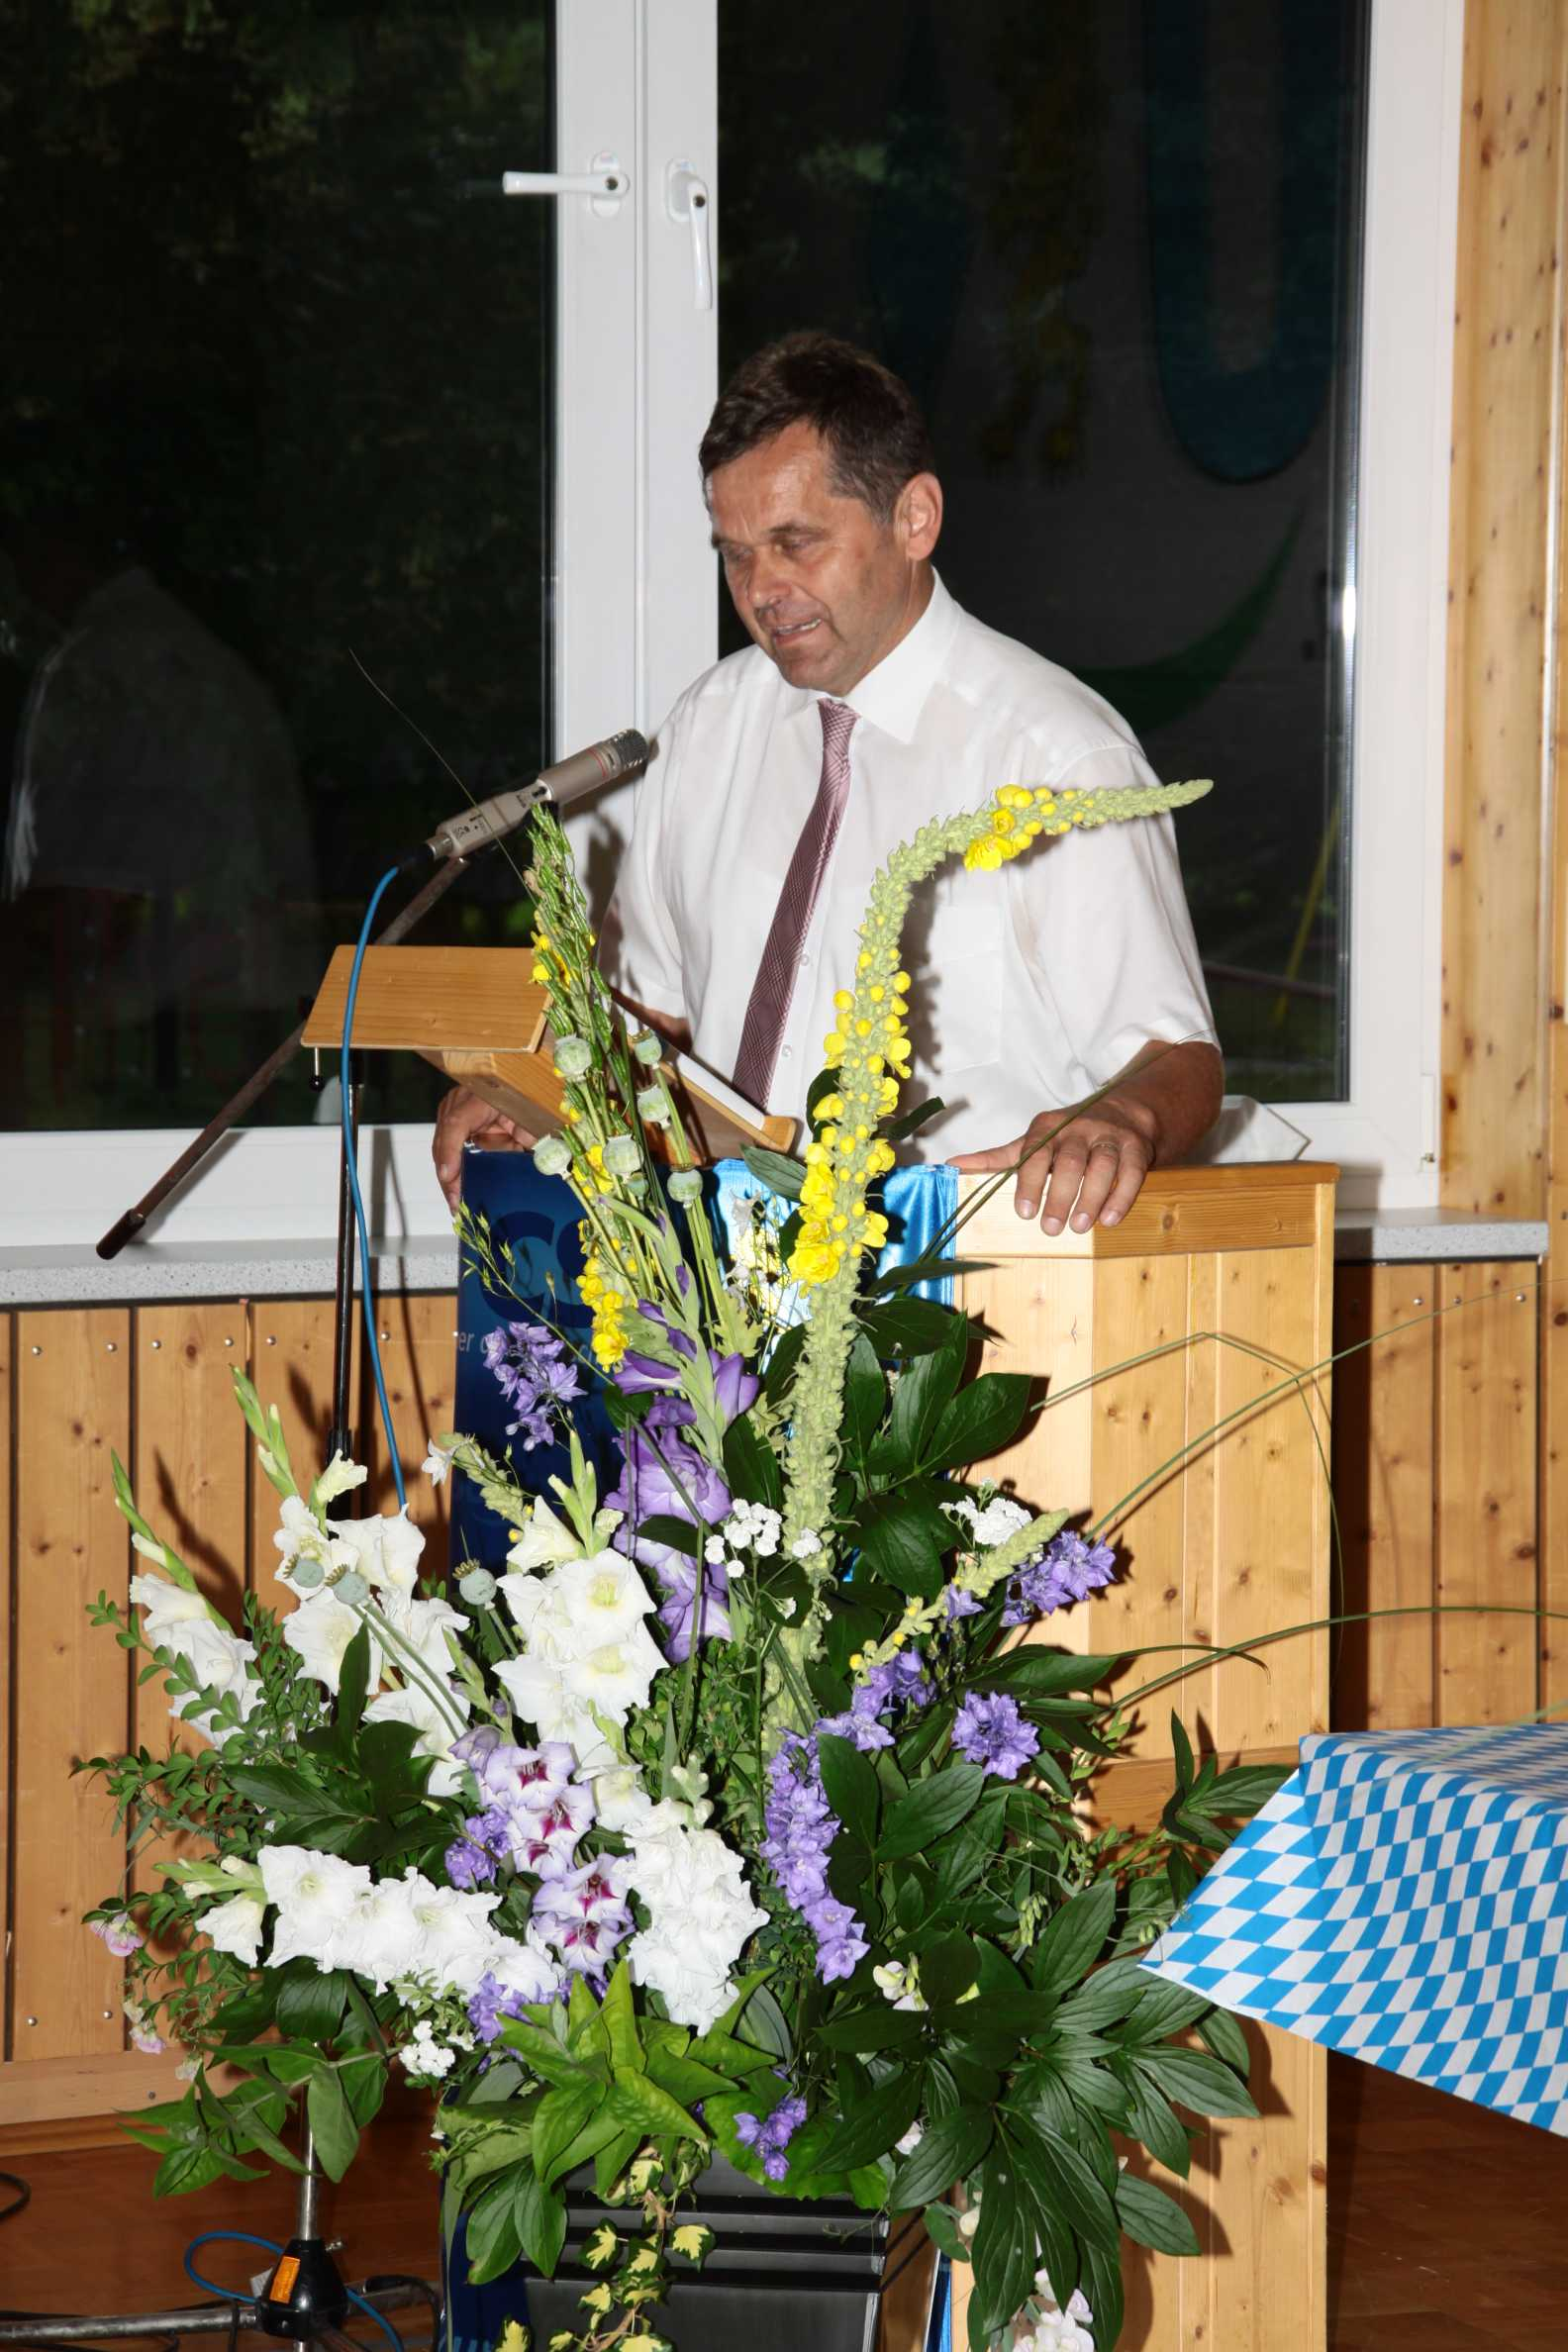 Franz-Josef Sauer Moderation- Stadtrat in Arnstein